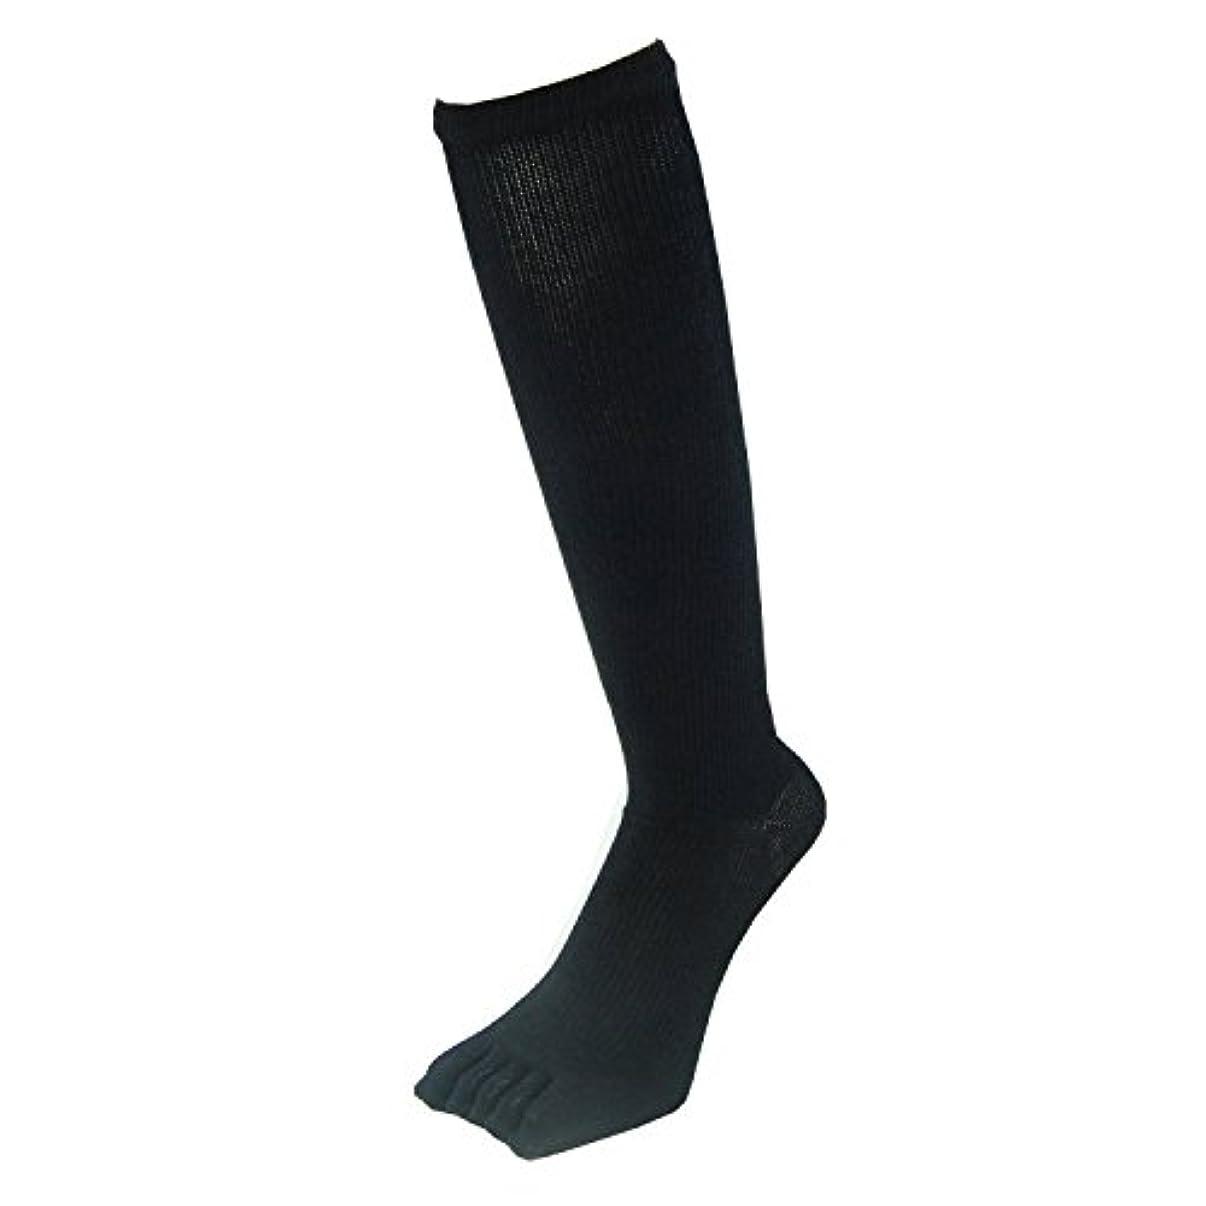 ランデブーエコーパパPAX-ASIAN 紳士?メンズ 五本指ハイソックス 着圧靴下 ムクミ解消 抗菌防臭 サポート 黒色?ブラック 3足組 #801